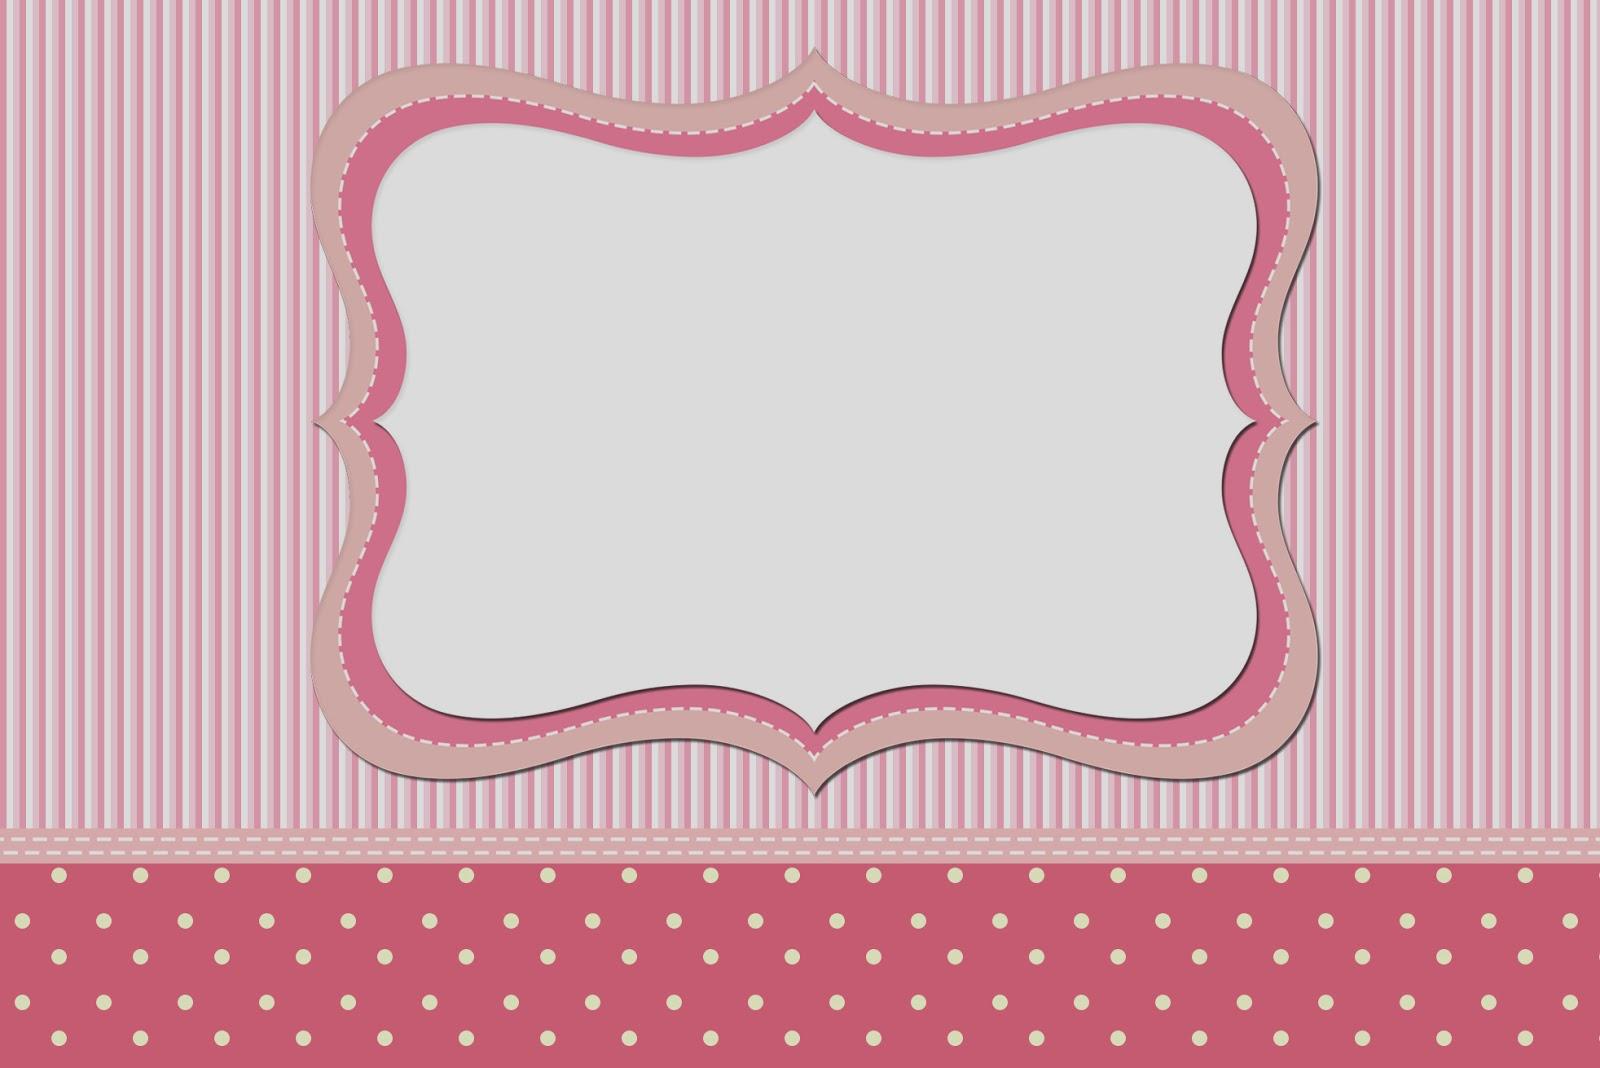 elit templates sticker - rayas y lunares blanco y rosa invitaciones para imprimir